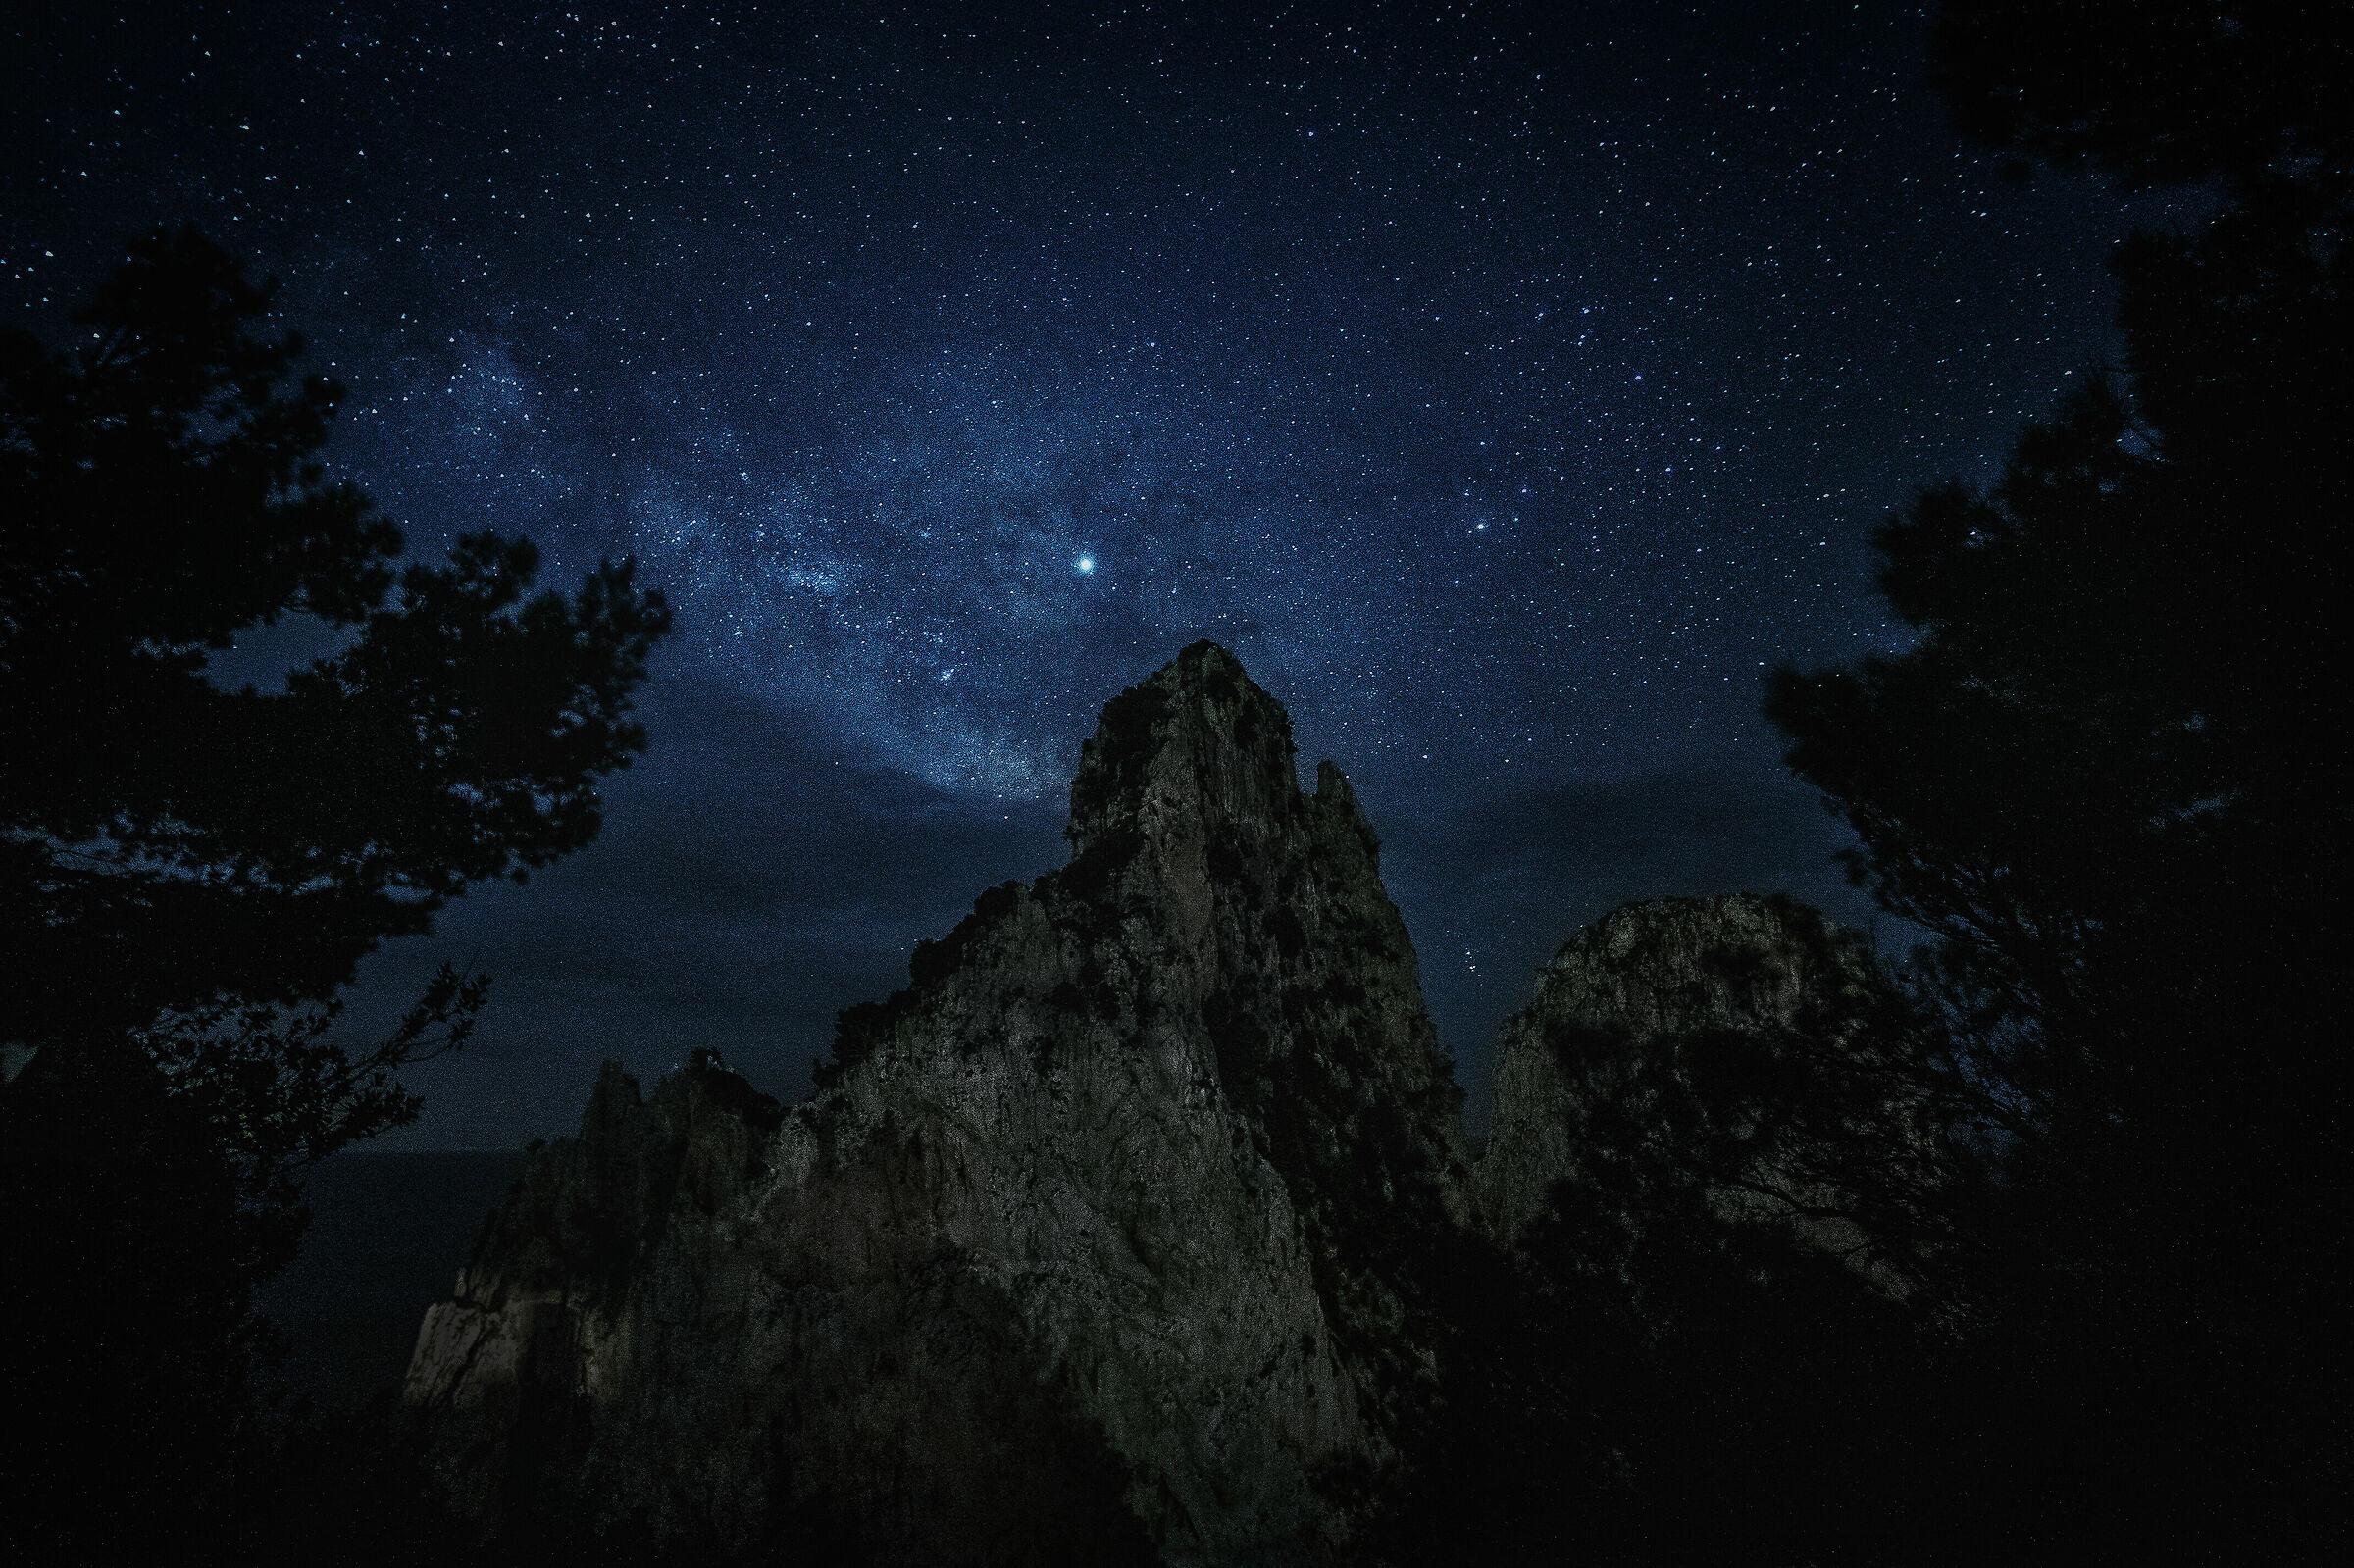 La mia prima Via Lattea sui faraglioni di Capri...